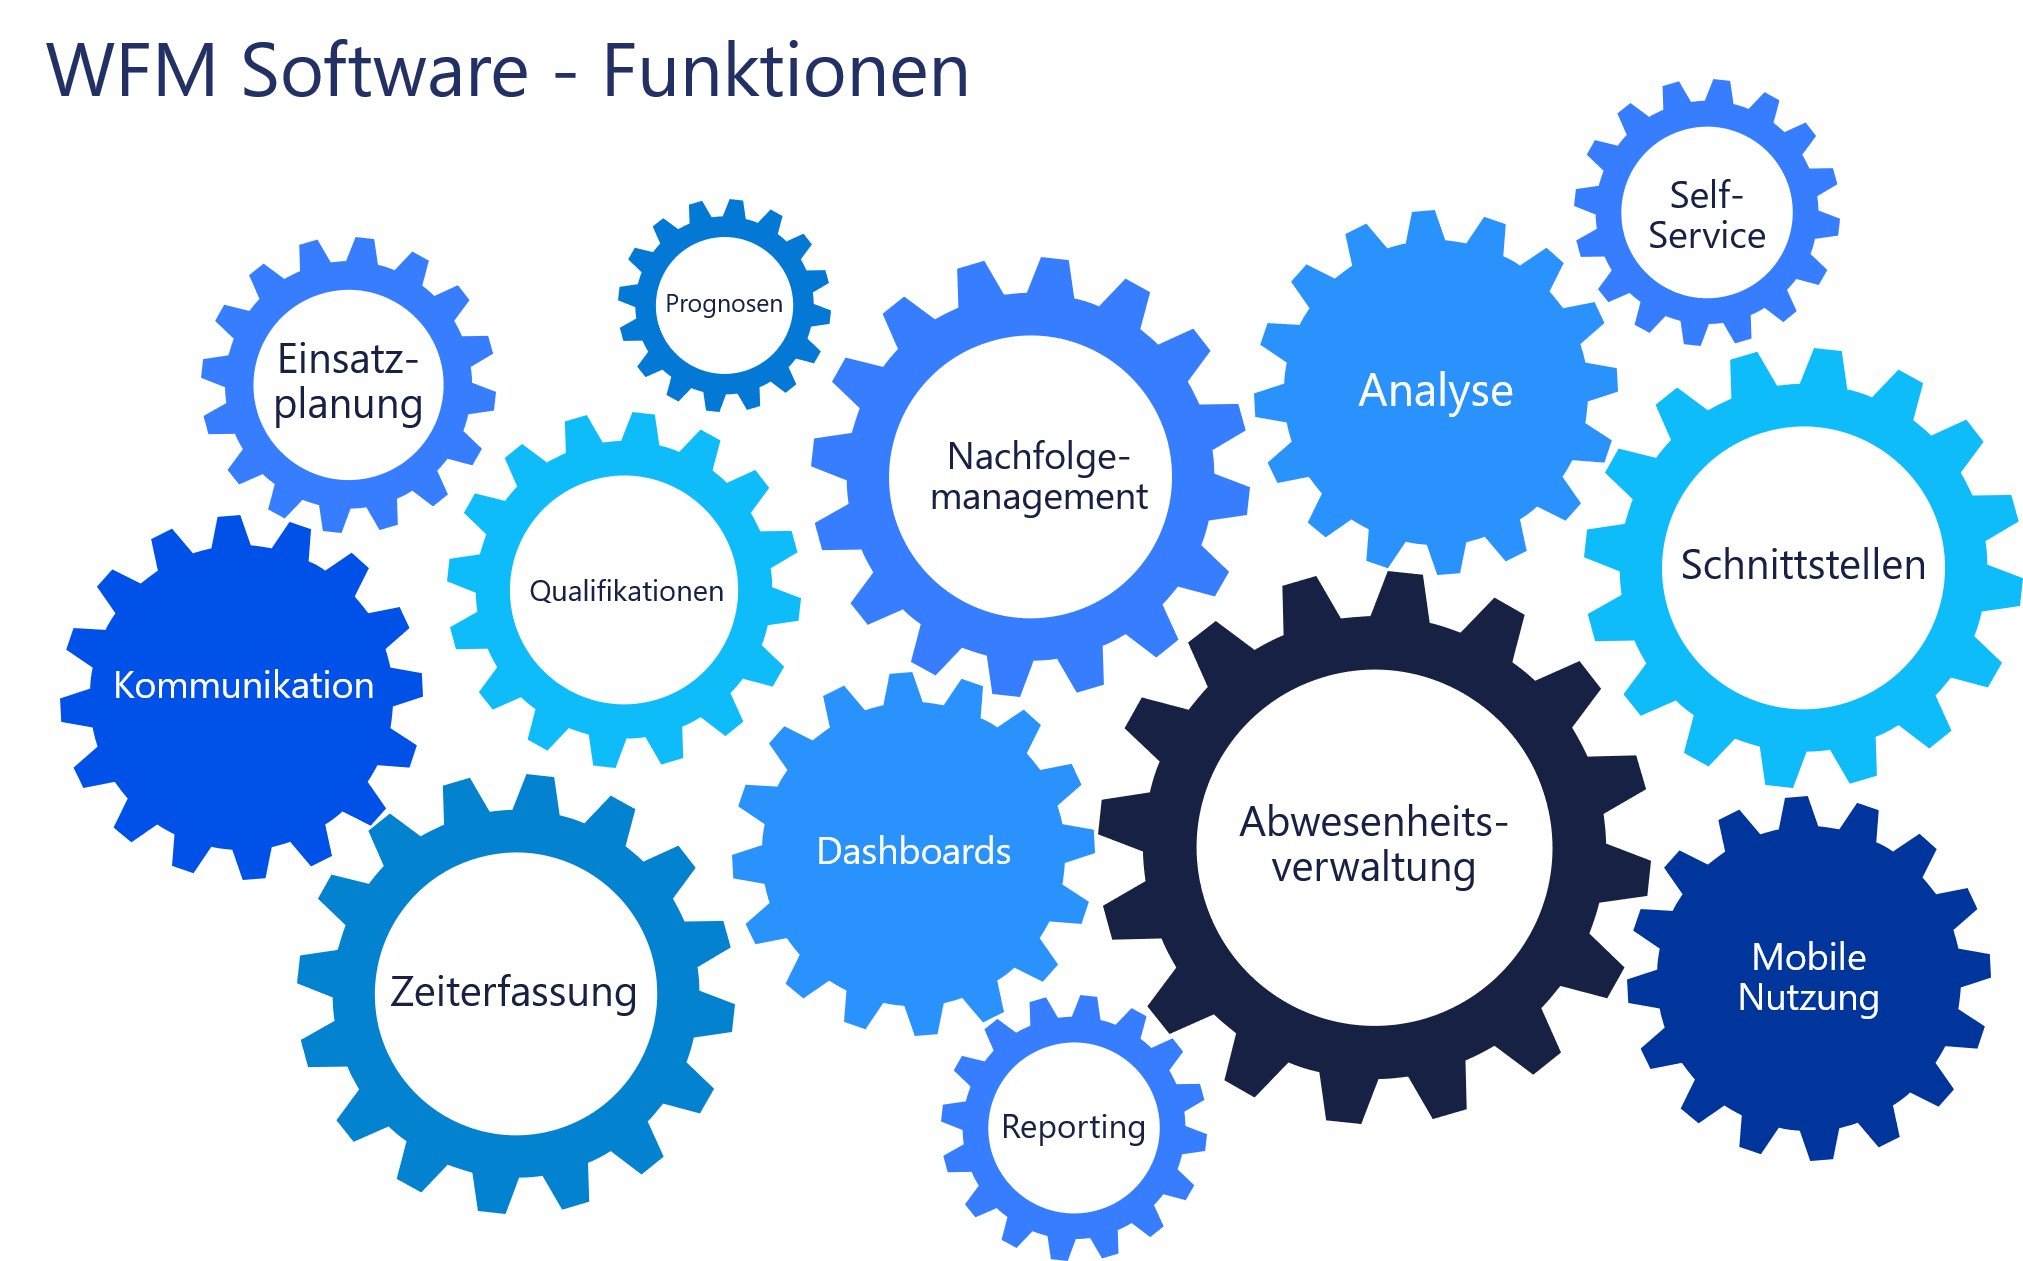 Darstellung - Wichtige Funktionen einer WFM Software